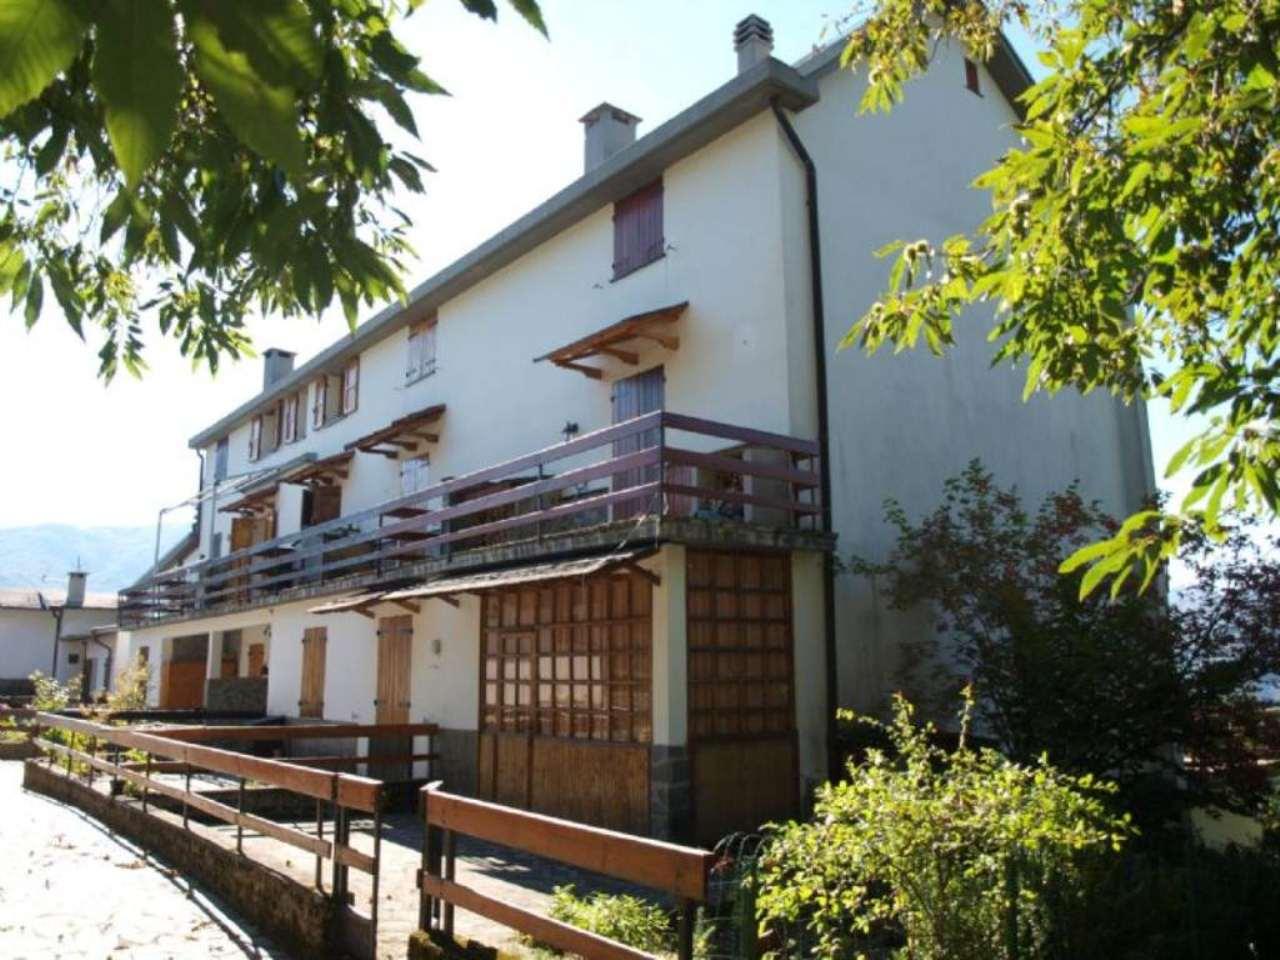 Soluzione Semindipendente in vendita a Santo Stefano d'Aveto, 4 locali, prezzo € 35.000 | CambioCasa.it